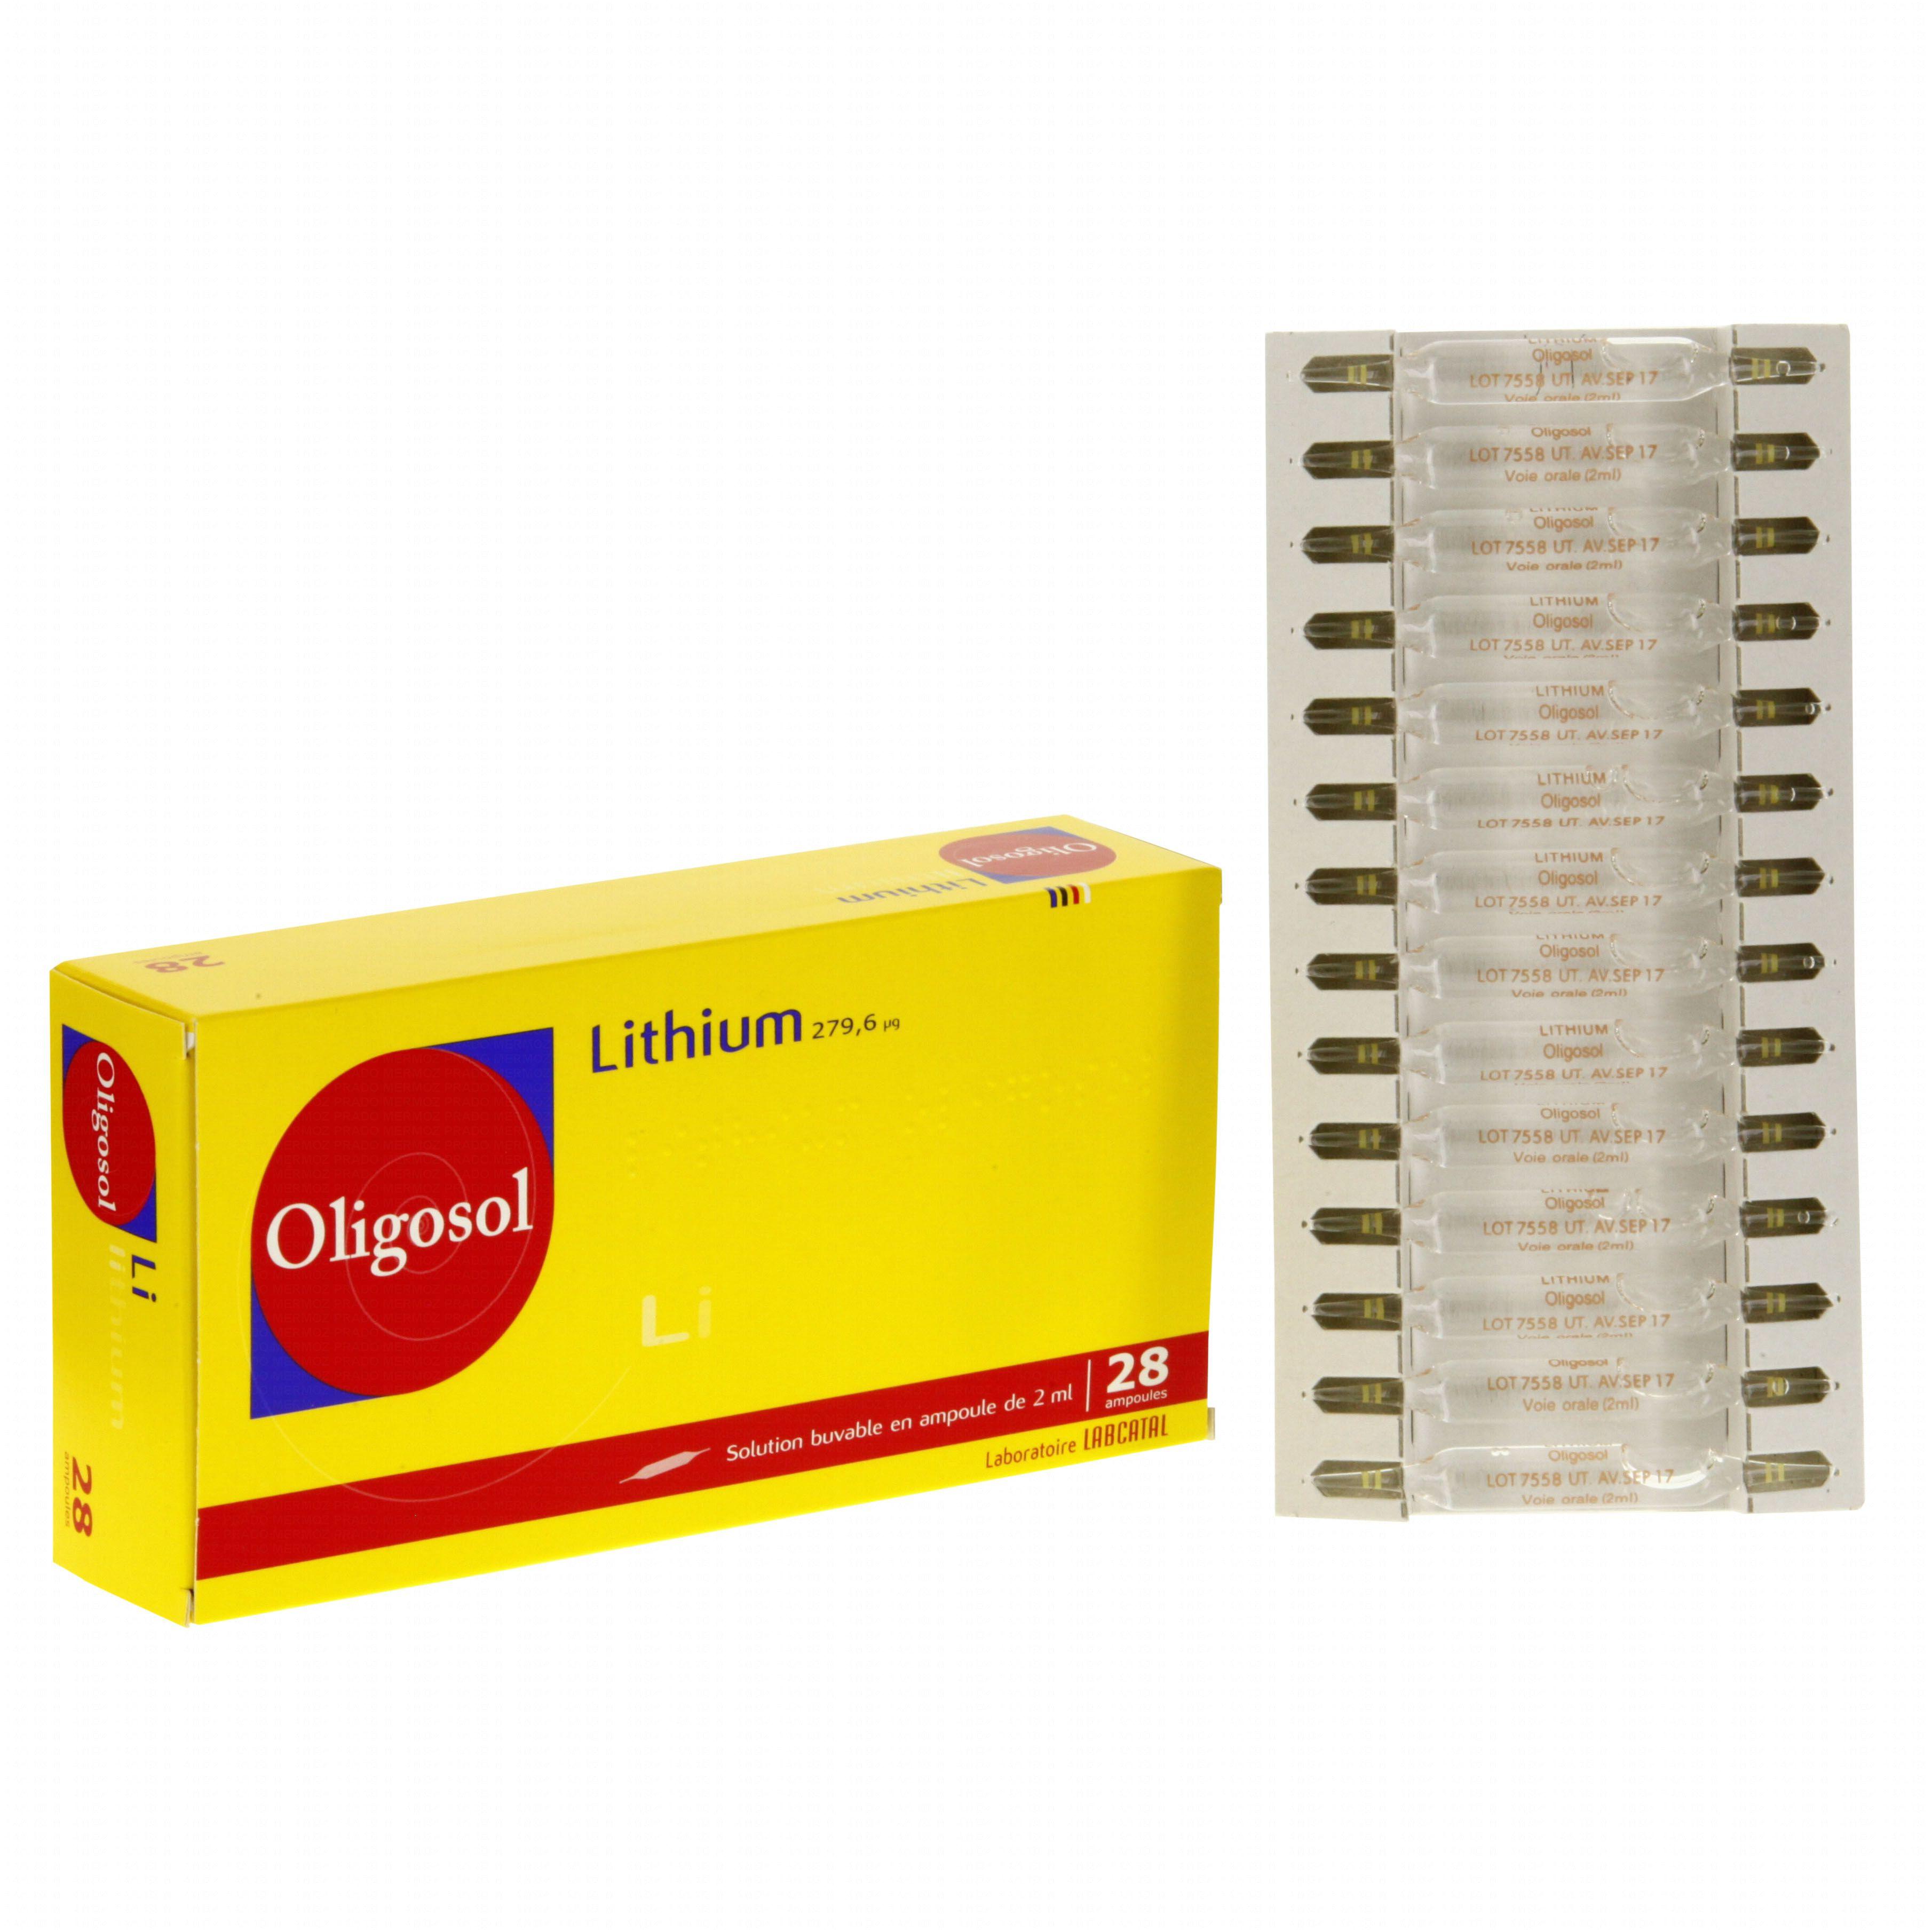 lithium ampoule